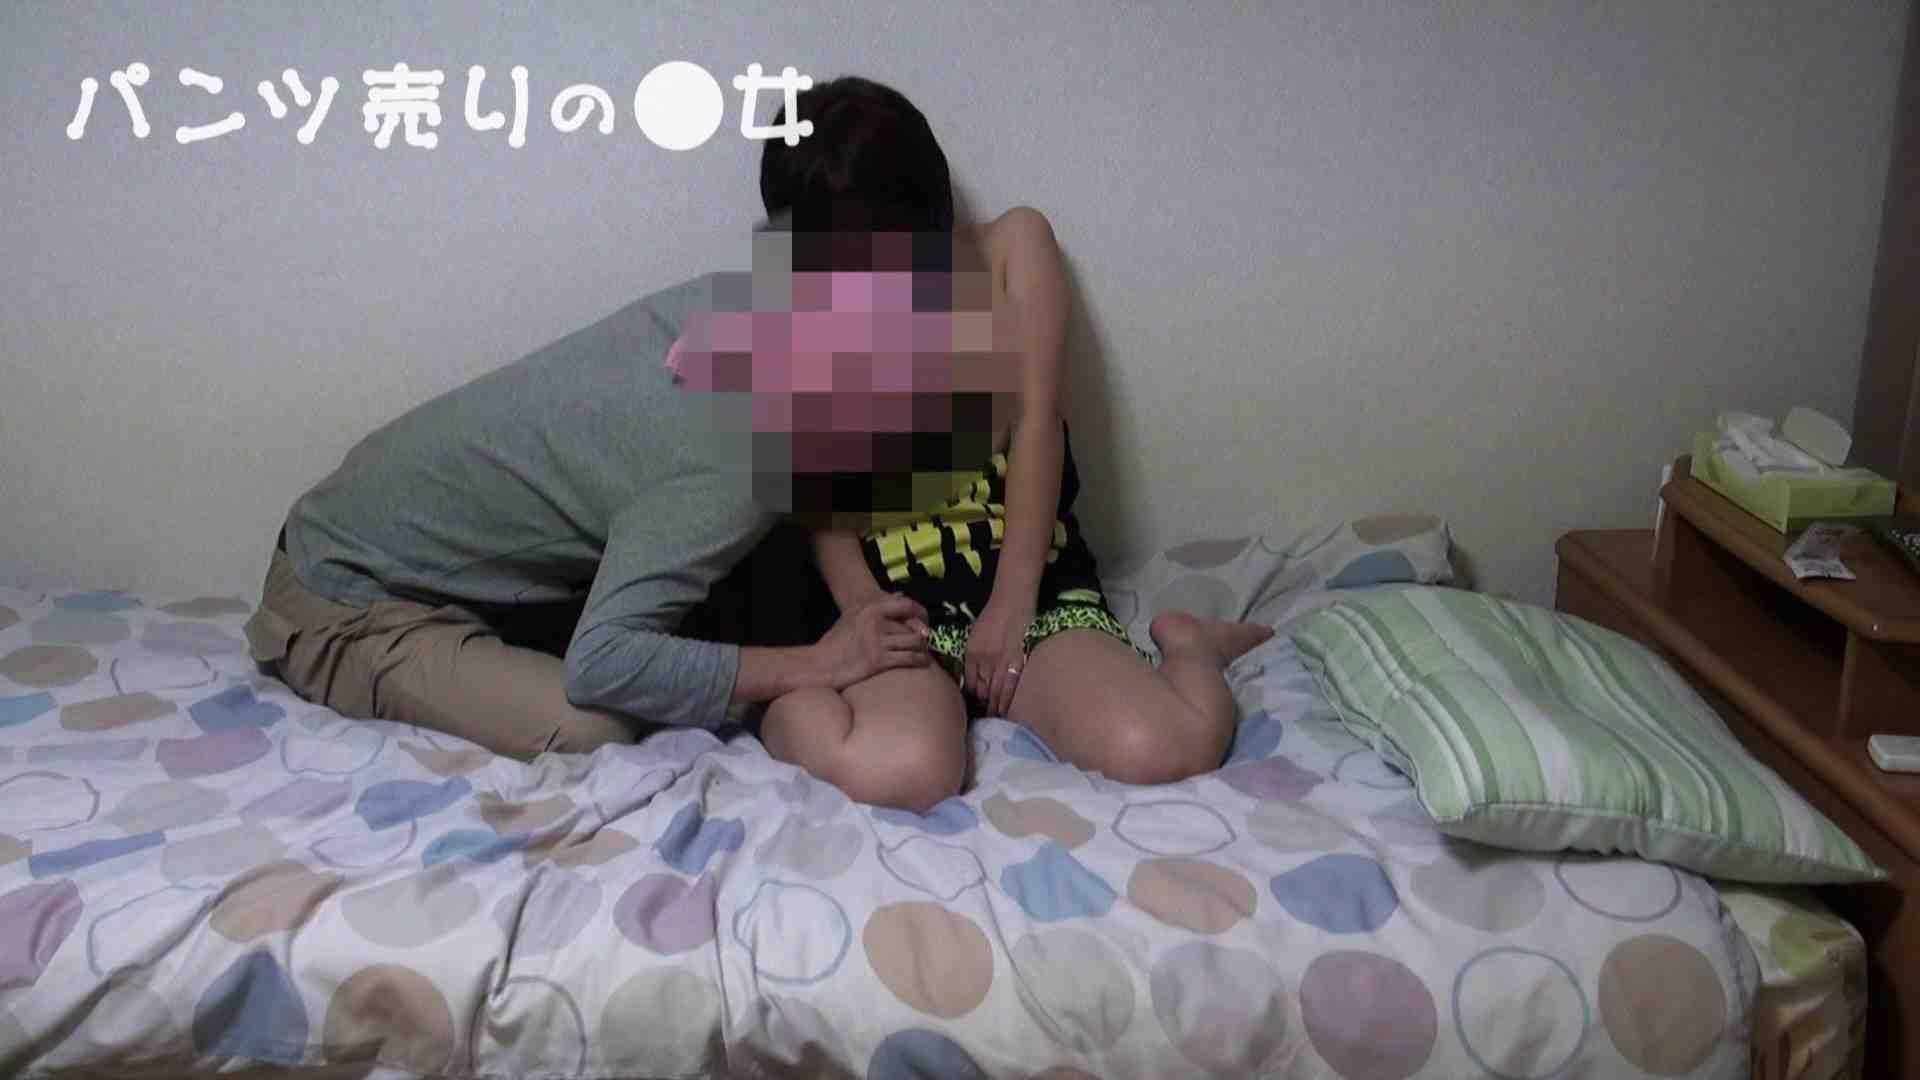 新説 パンツ売りの女の子nana04 一般投稿 | 0  49pic 9